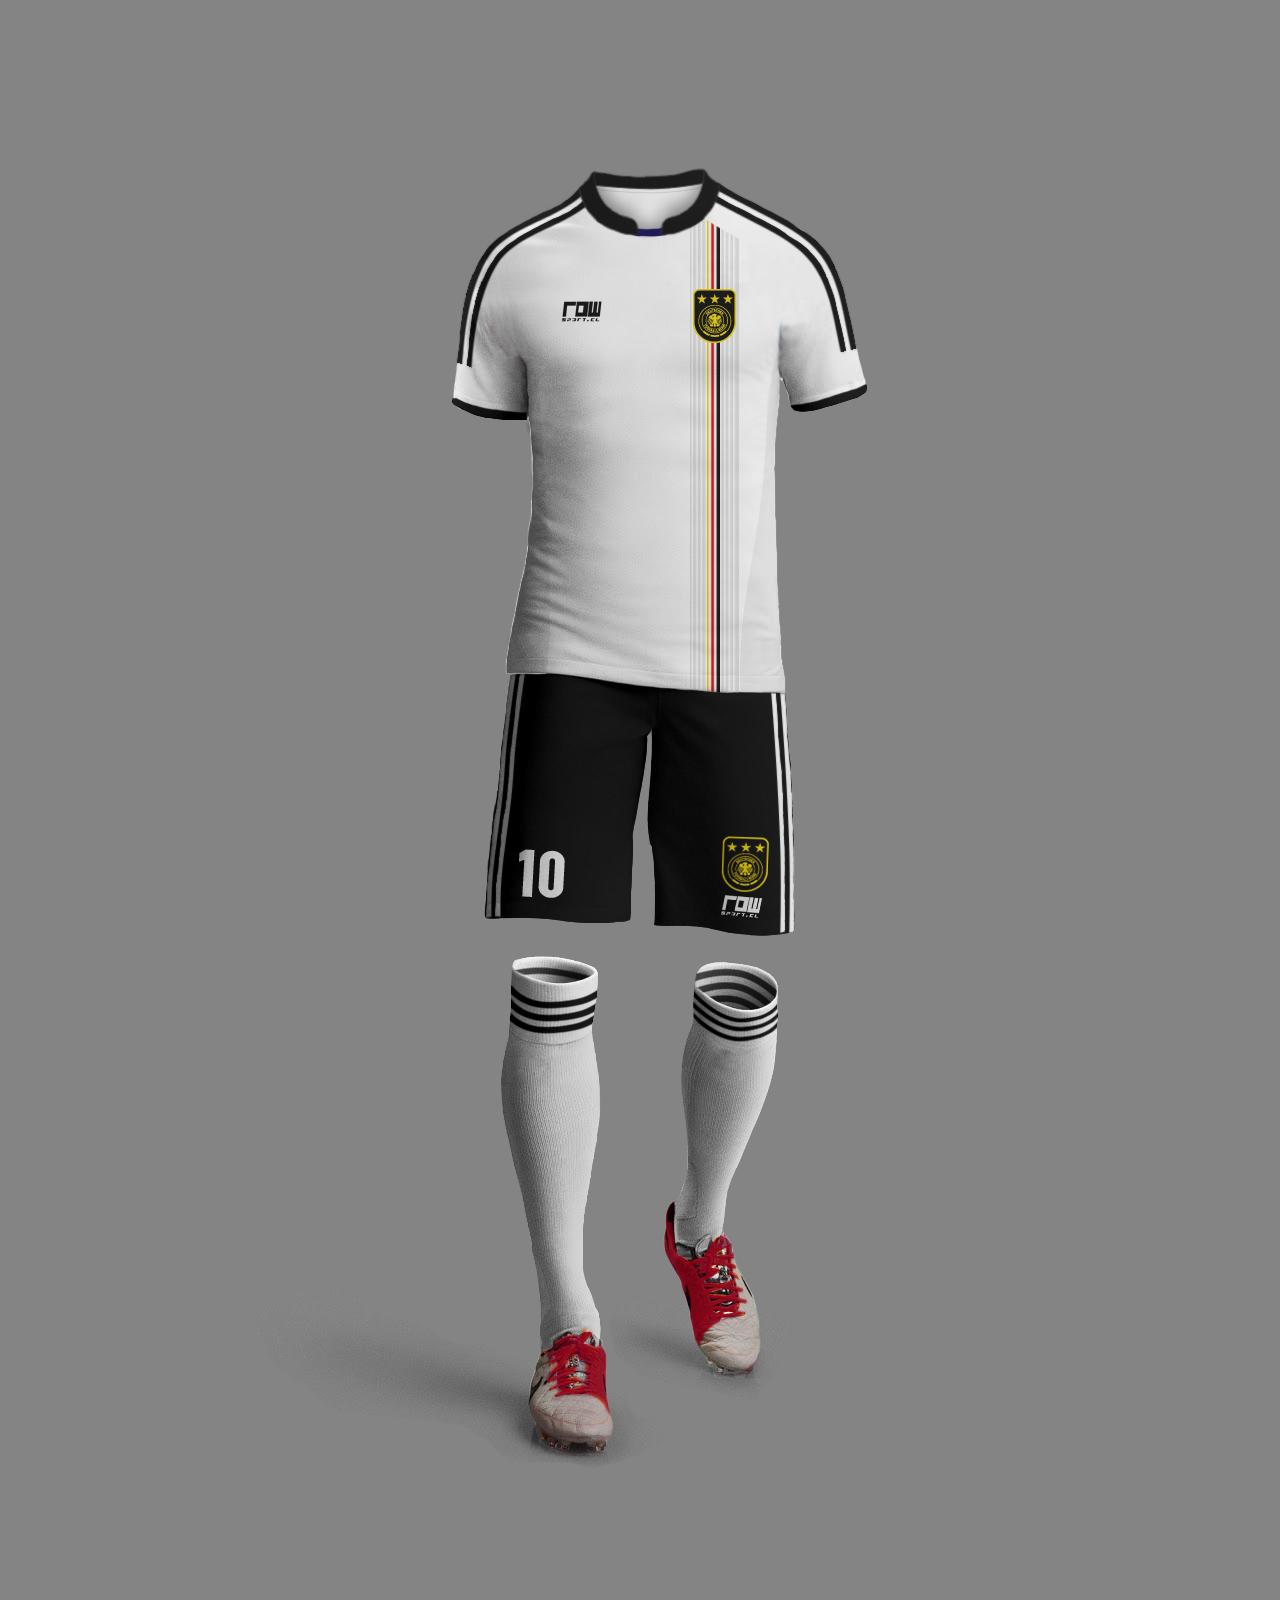 3de3df4bbb479 Alemania Retro 2. Camiseta Con Números 12990